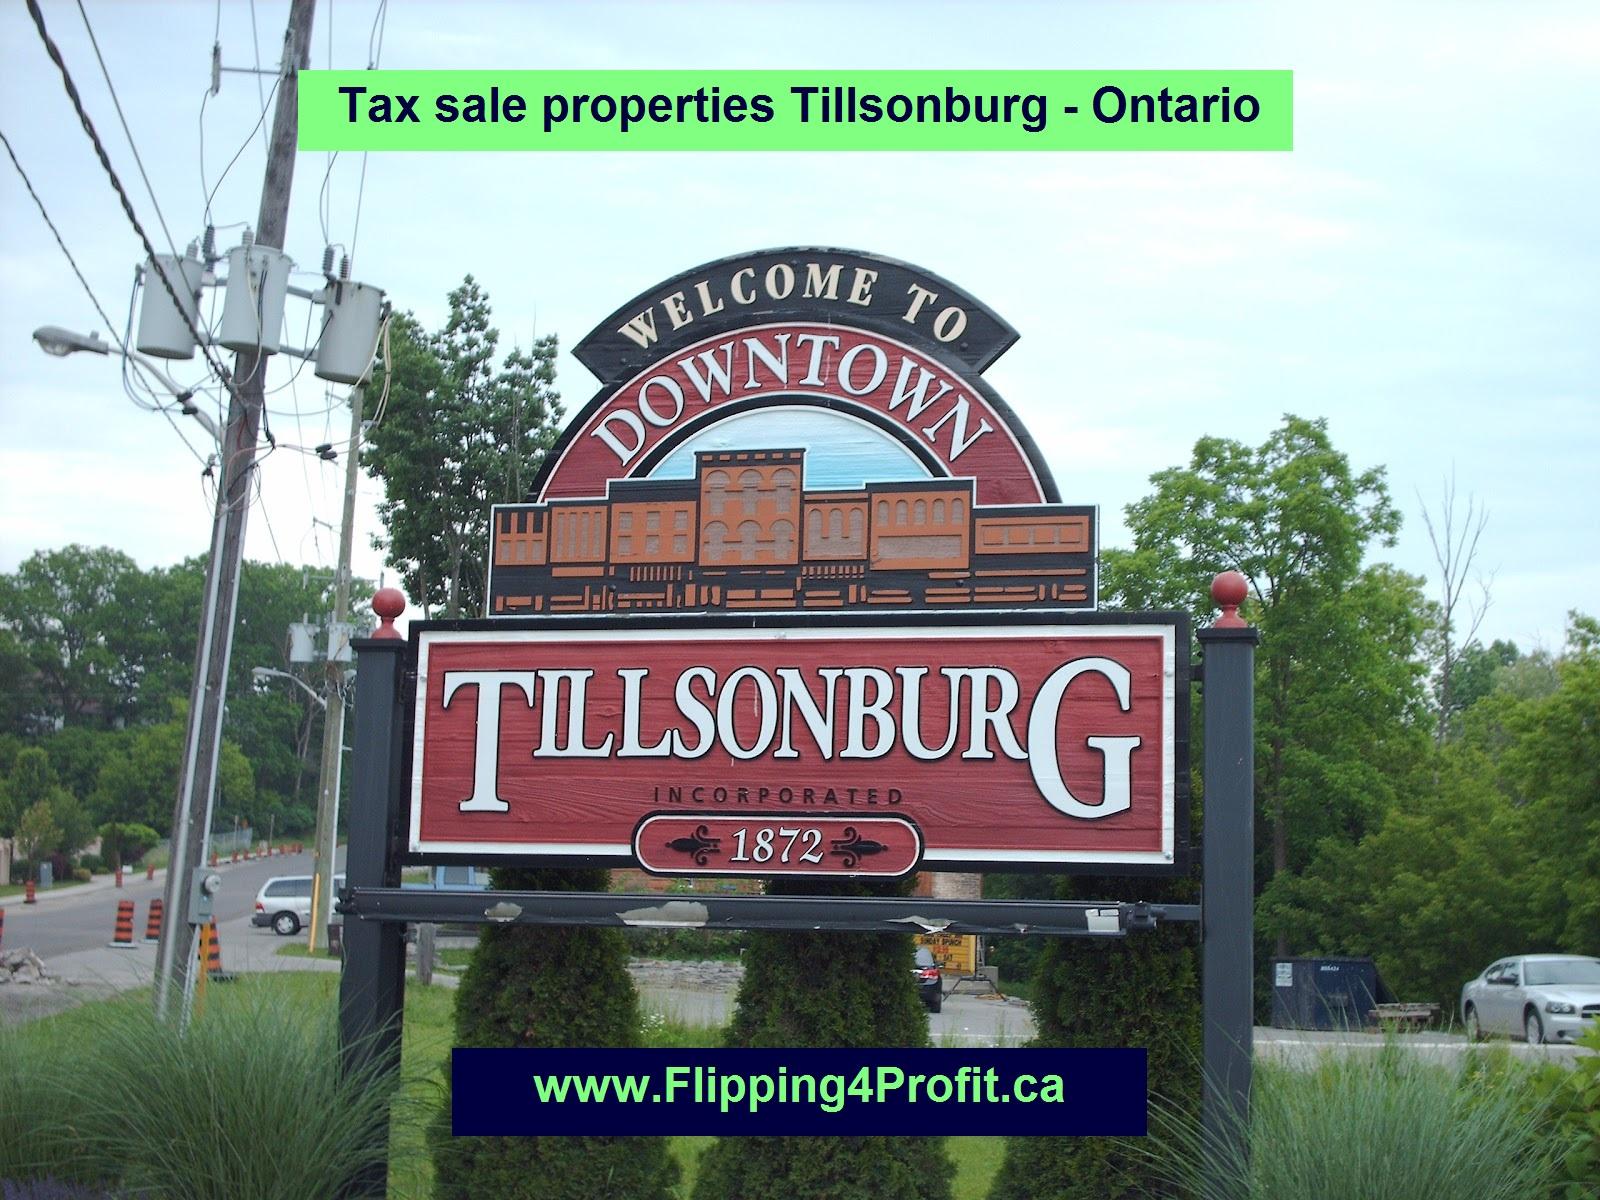 Tax sale properties Tilsonburg - Ontario